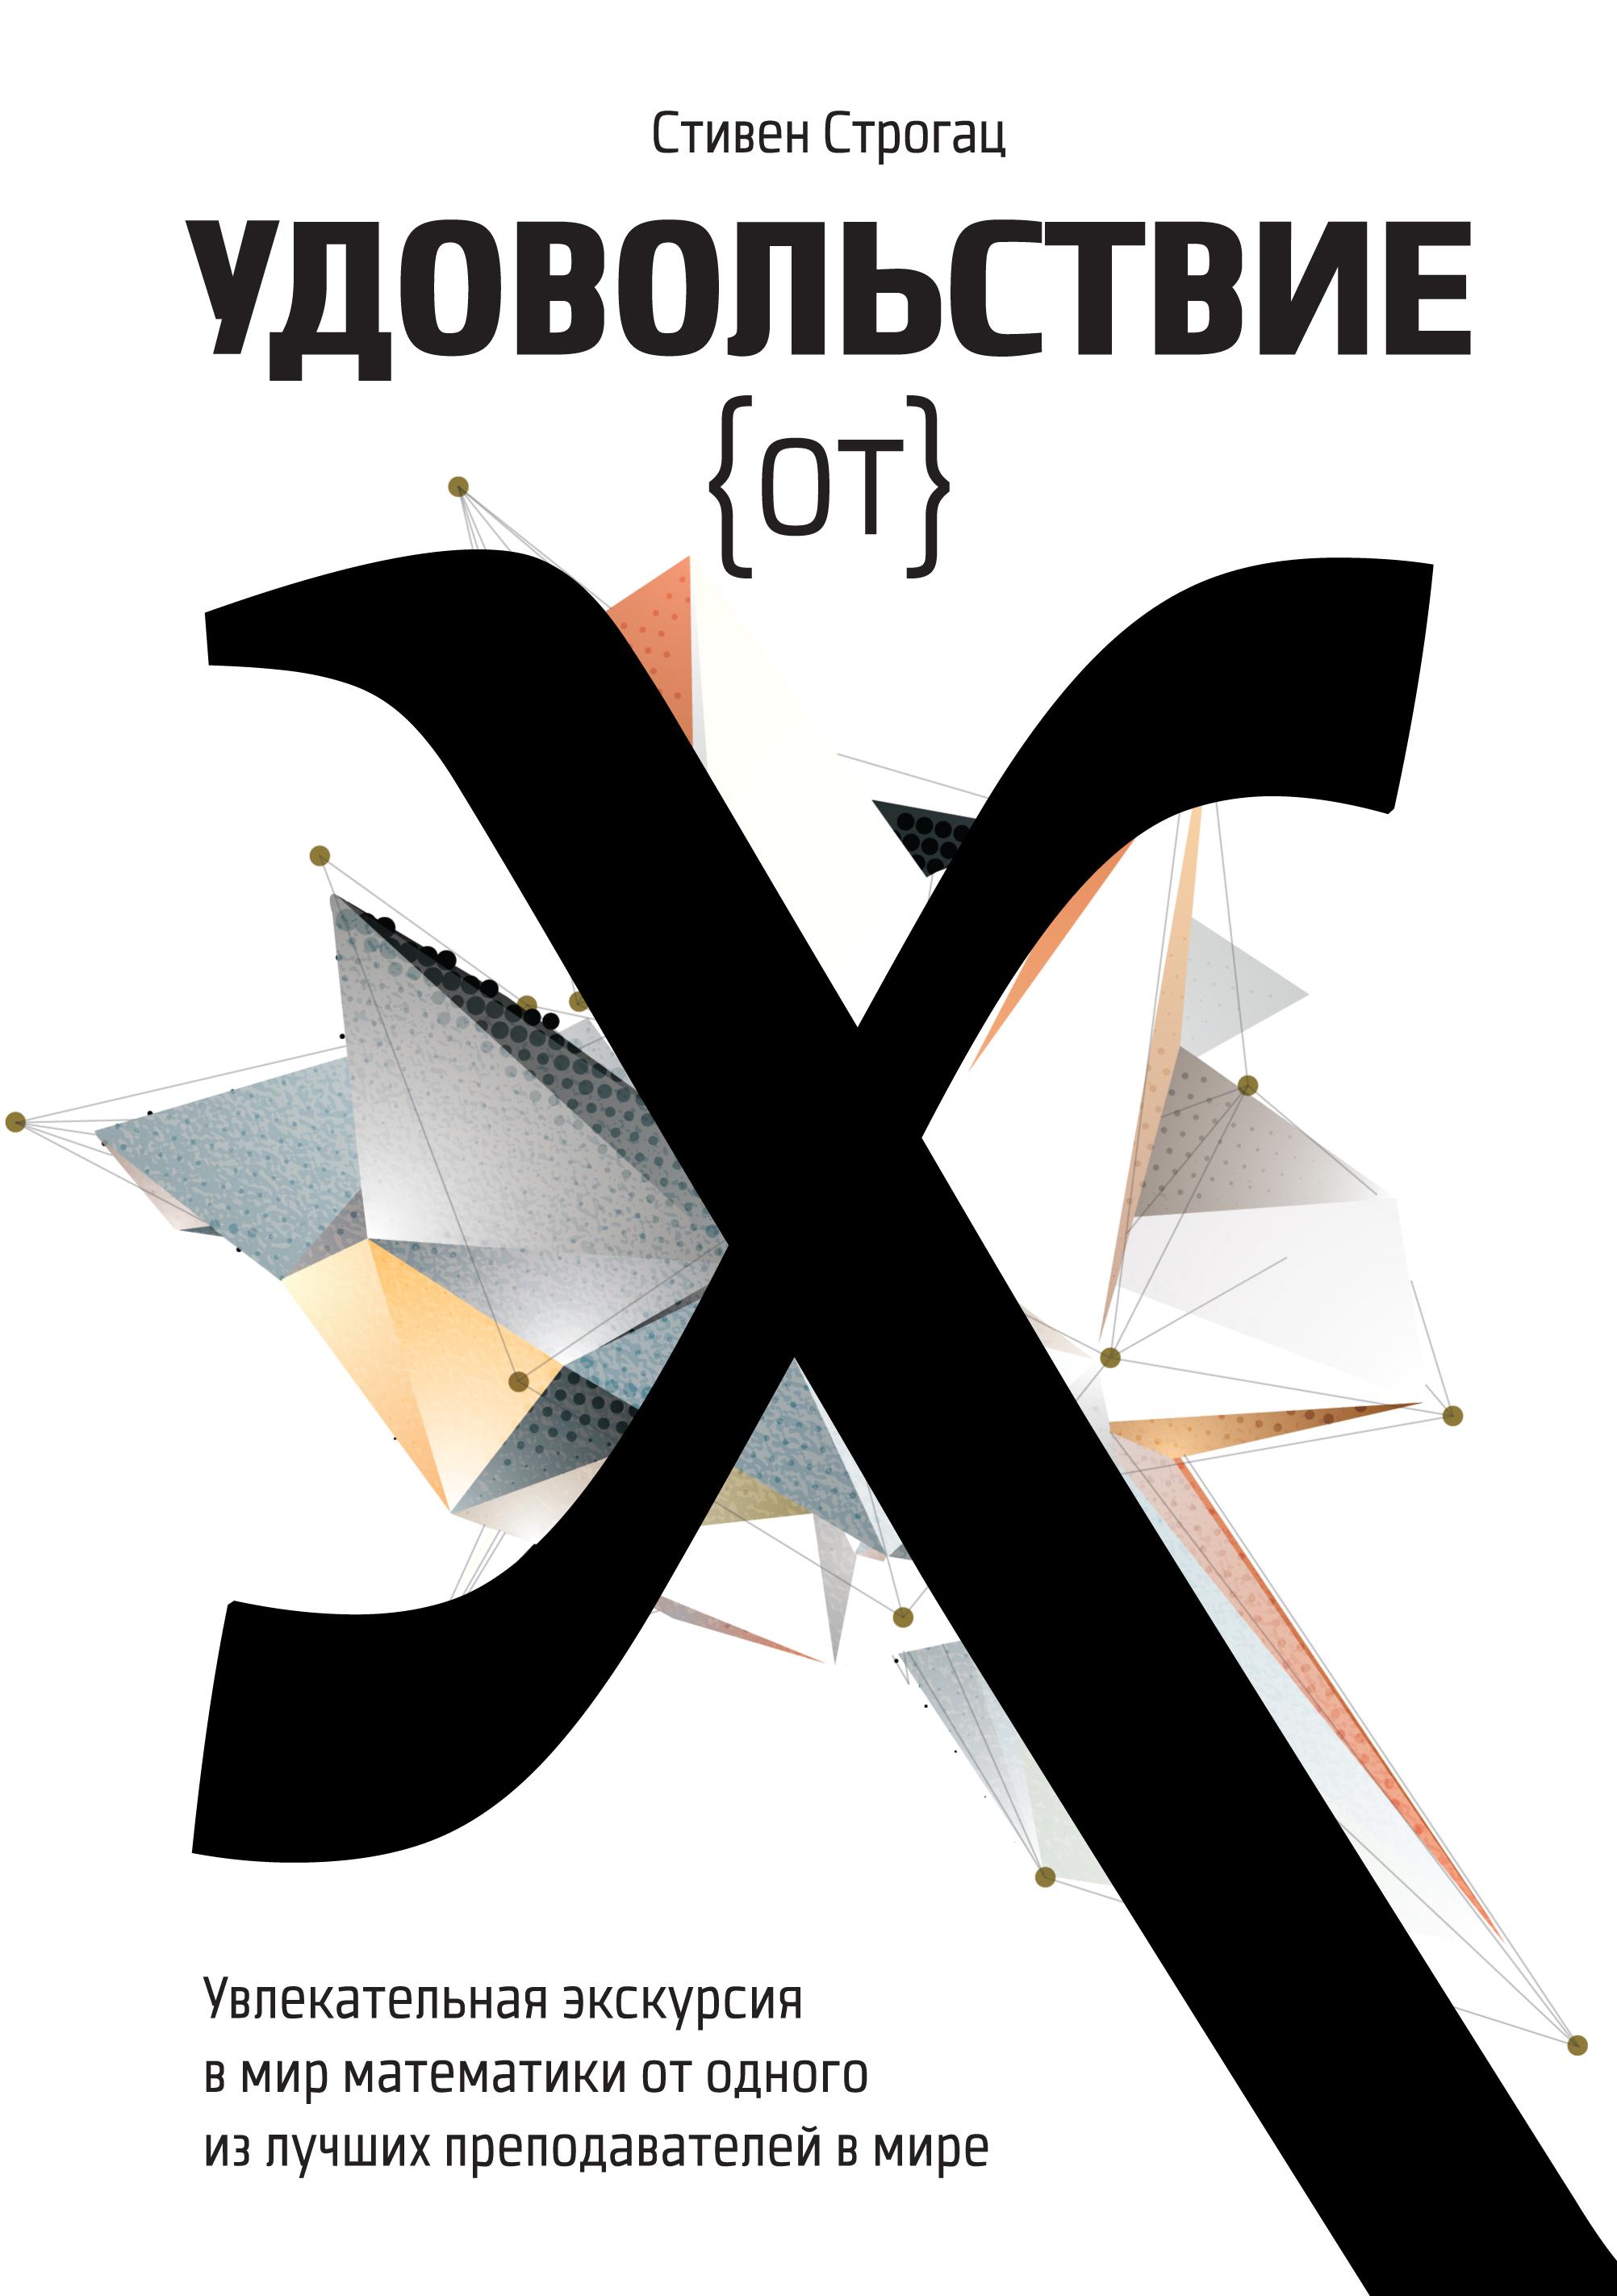 Удовольствие от x. Увлекательная экскурсия в мир математики от одного из лучших преподавателей в мире ( Строгац С.  )